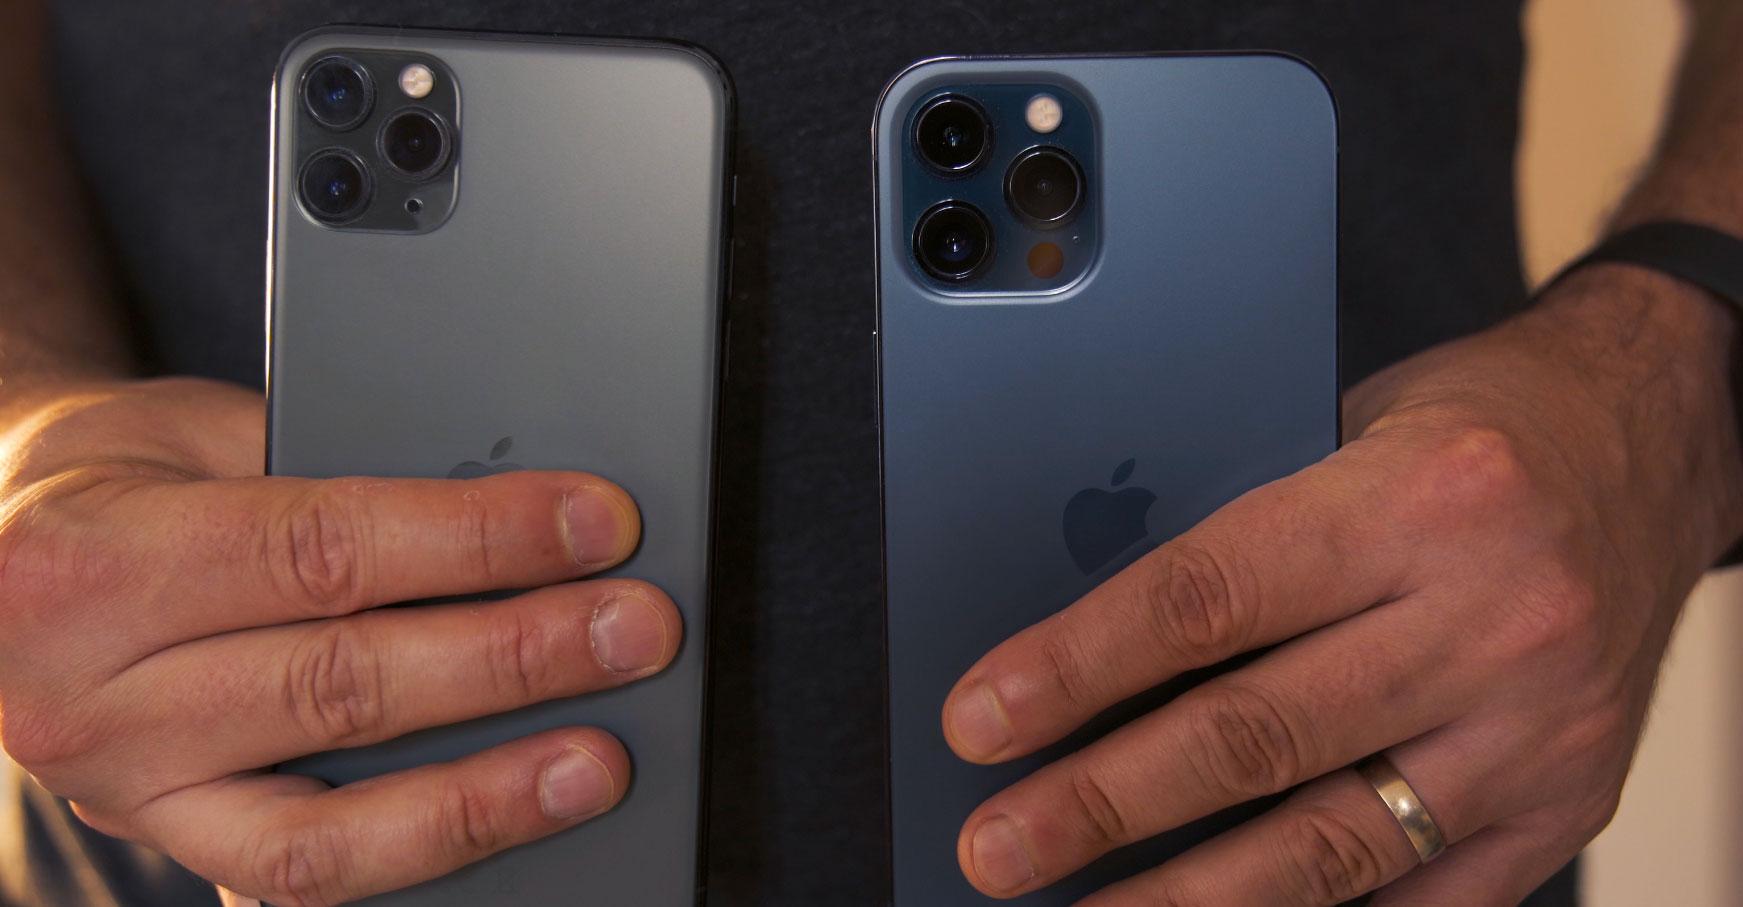 Oui, le module photo de l'iPhone 12 Pro Max est BEAUCOUP plus gros que celui de l'iPhone 11 Pro Max